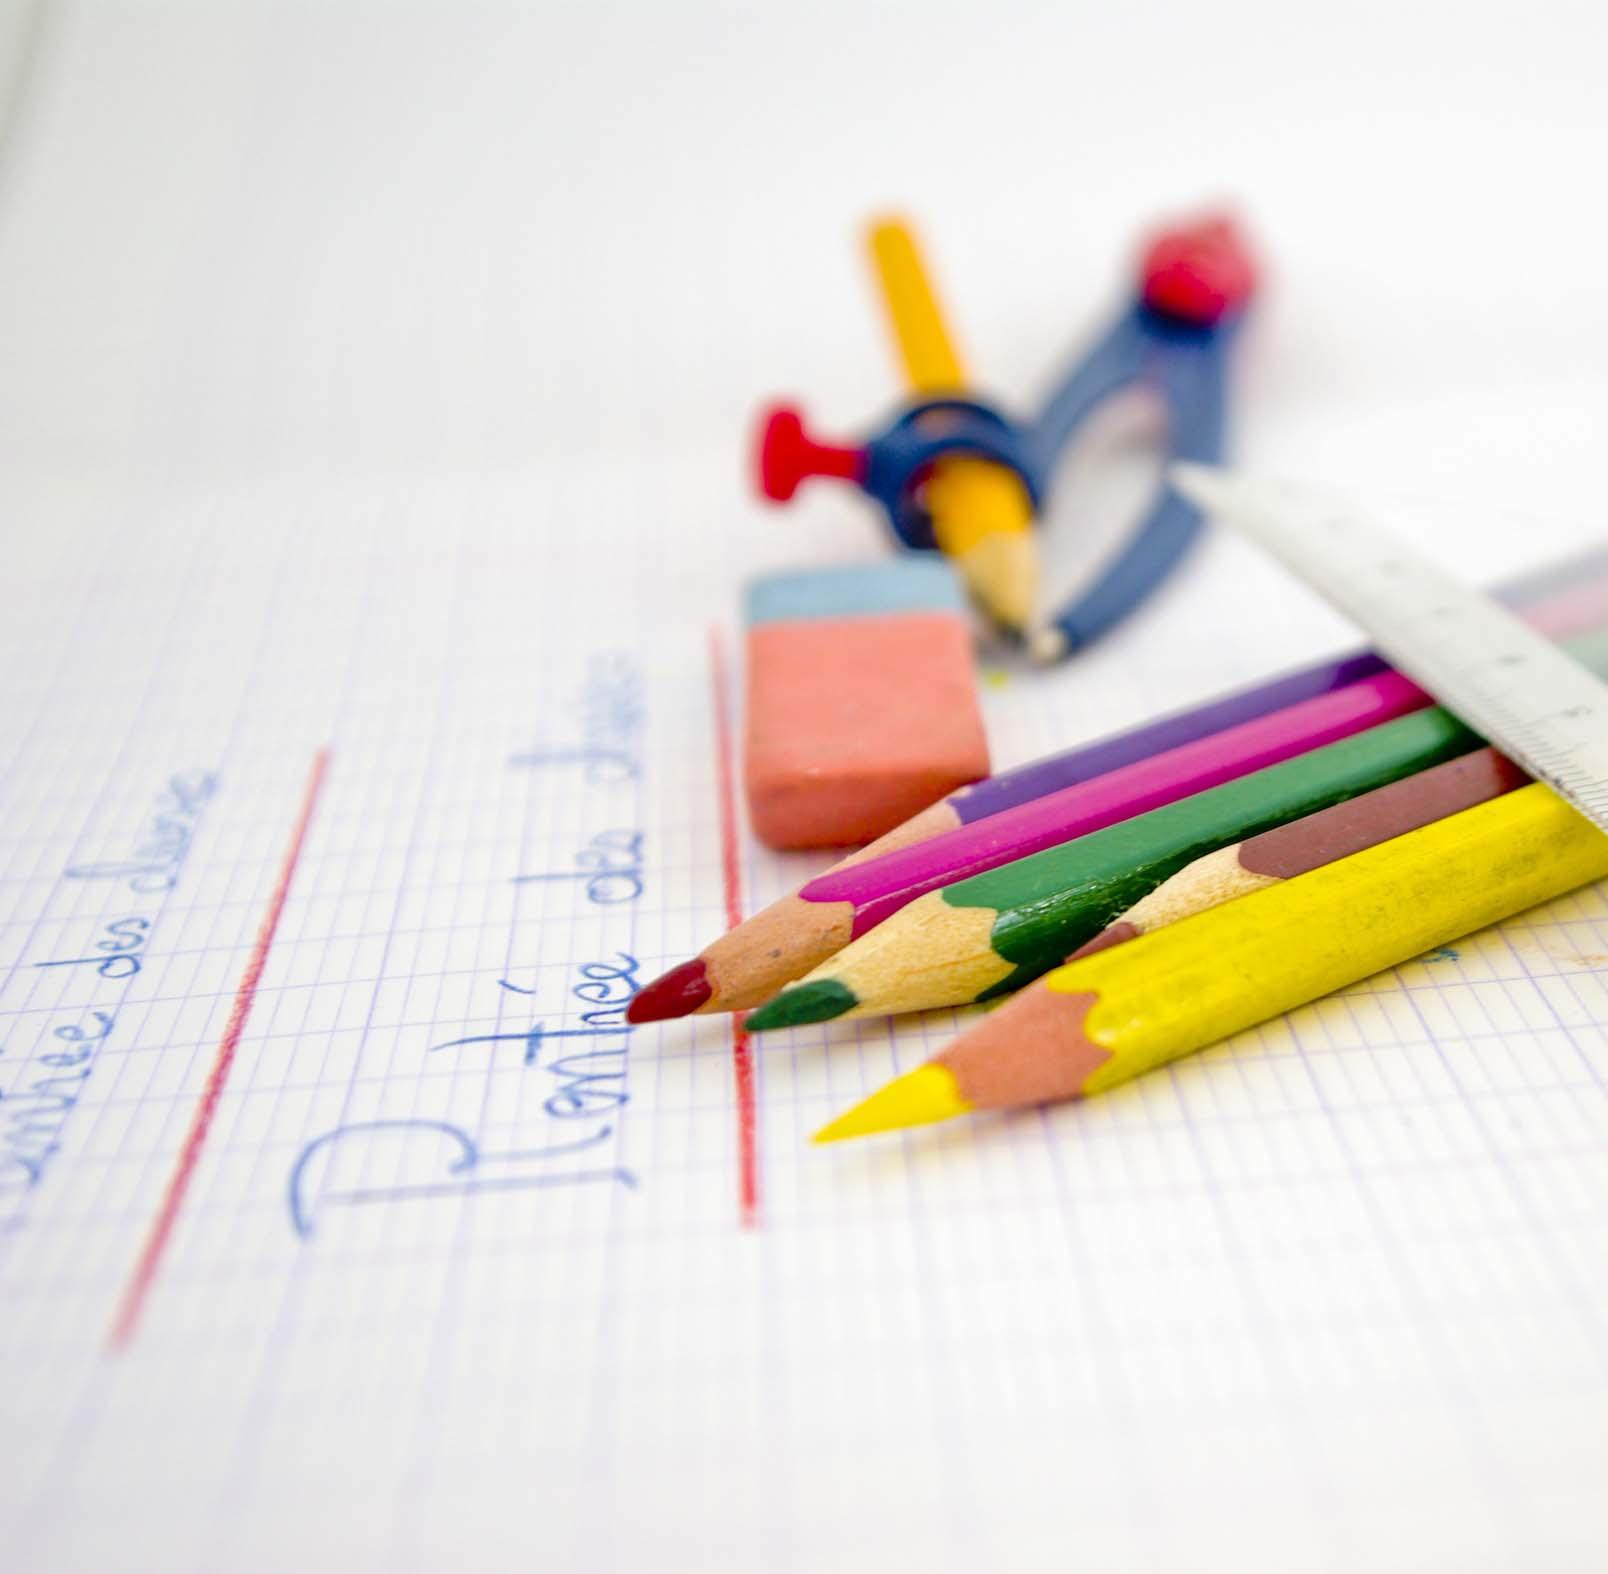 Feutres et crayons de couleurs